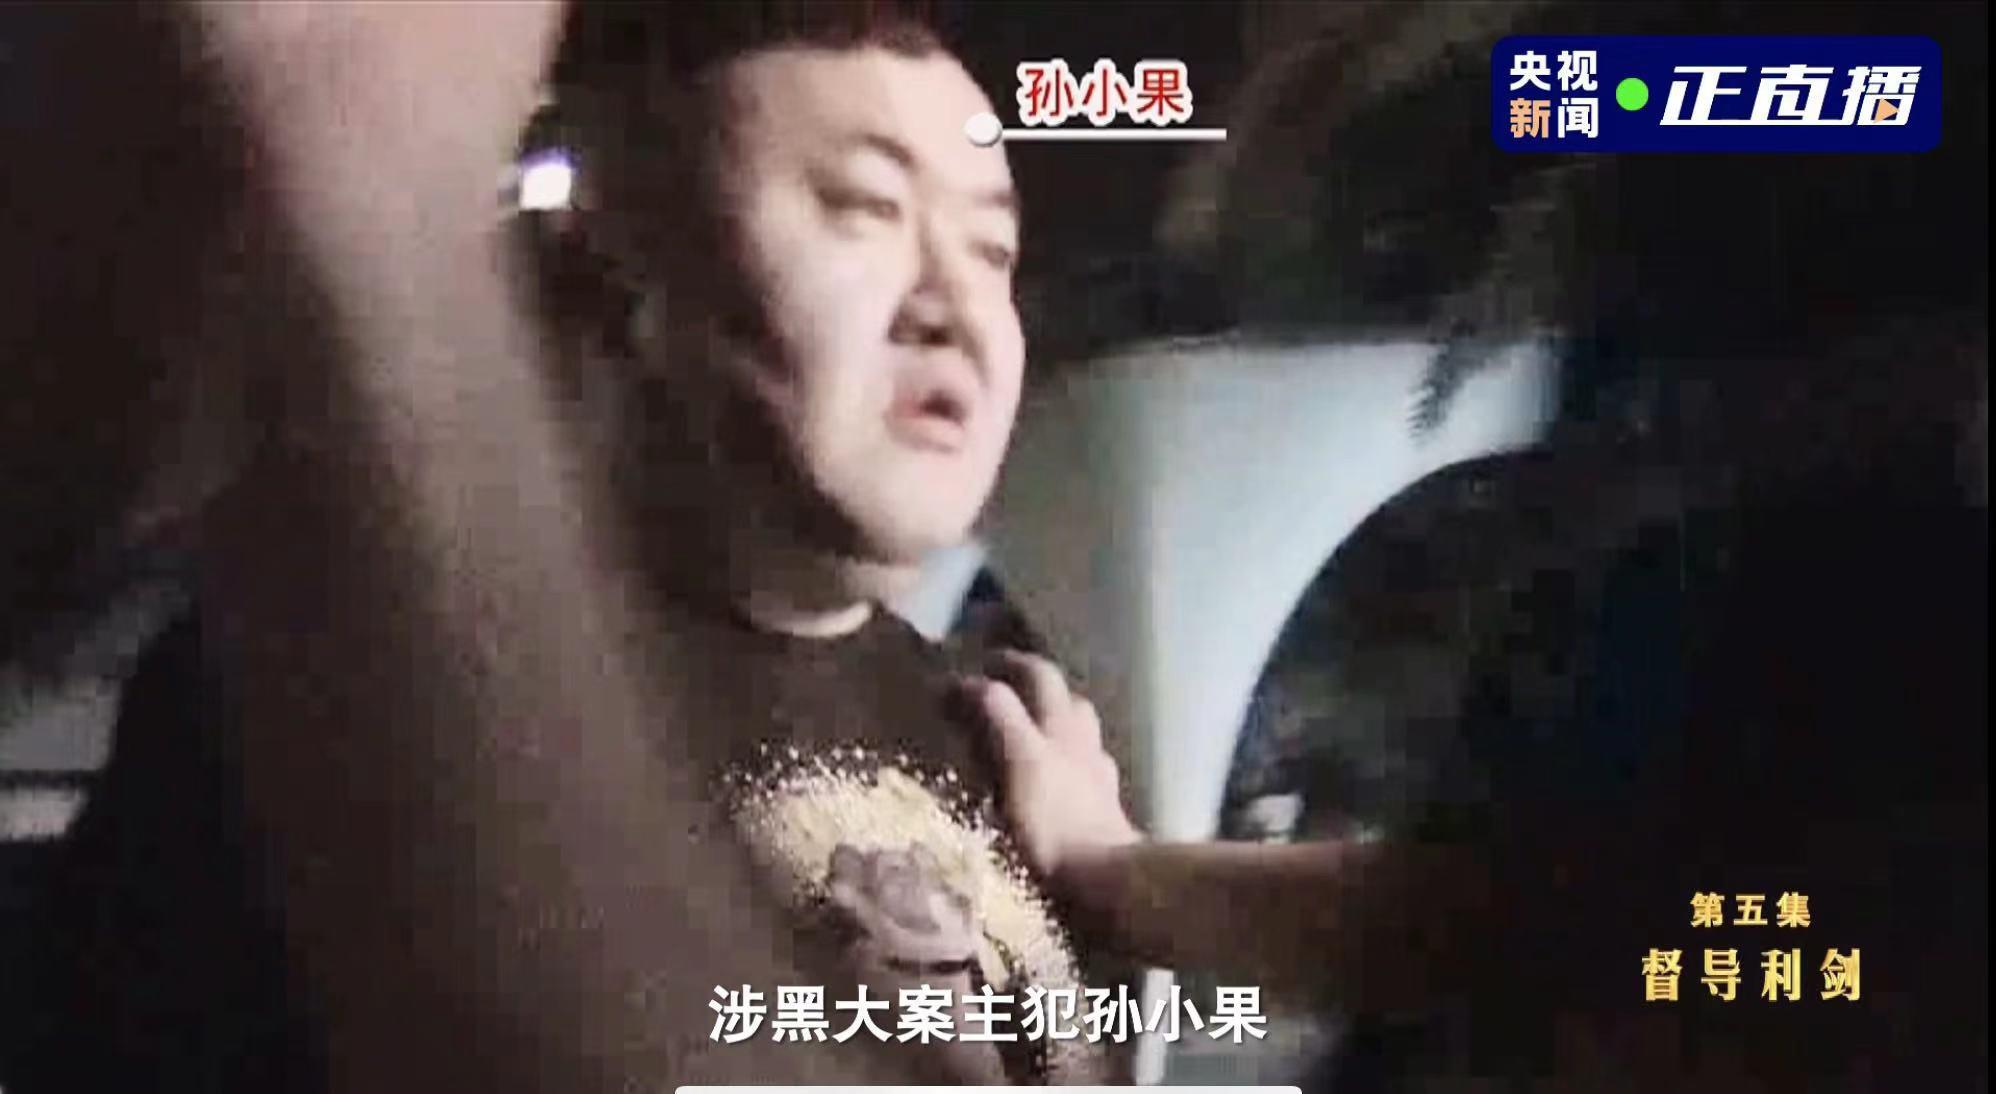 孙小果出狱后行凶时的画面。本文图片均为专题片视频截图